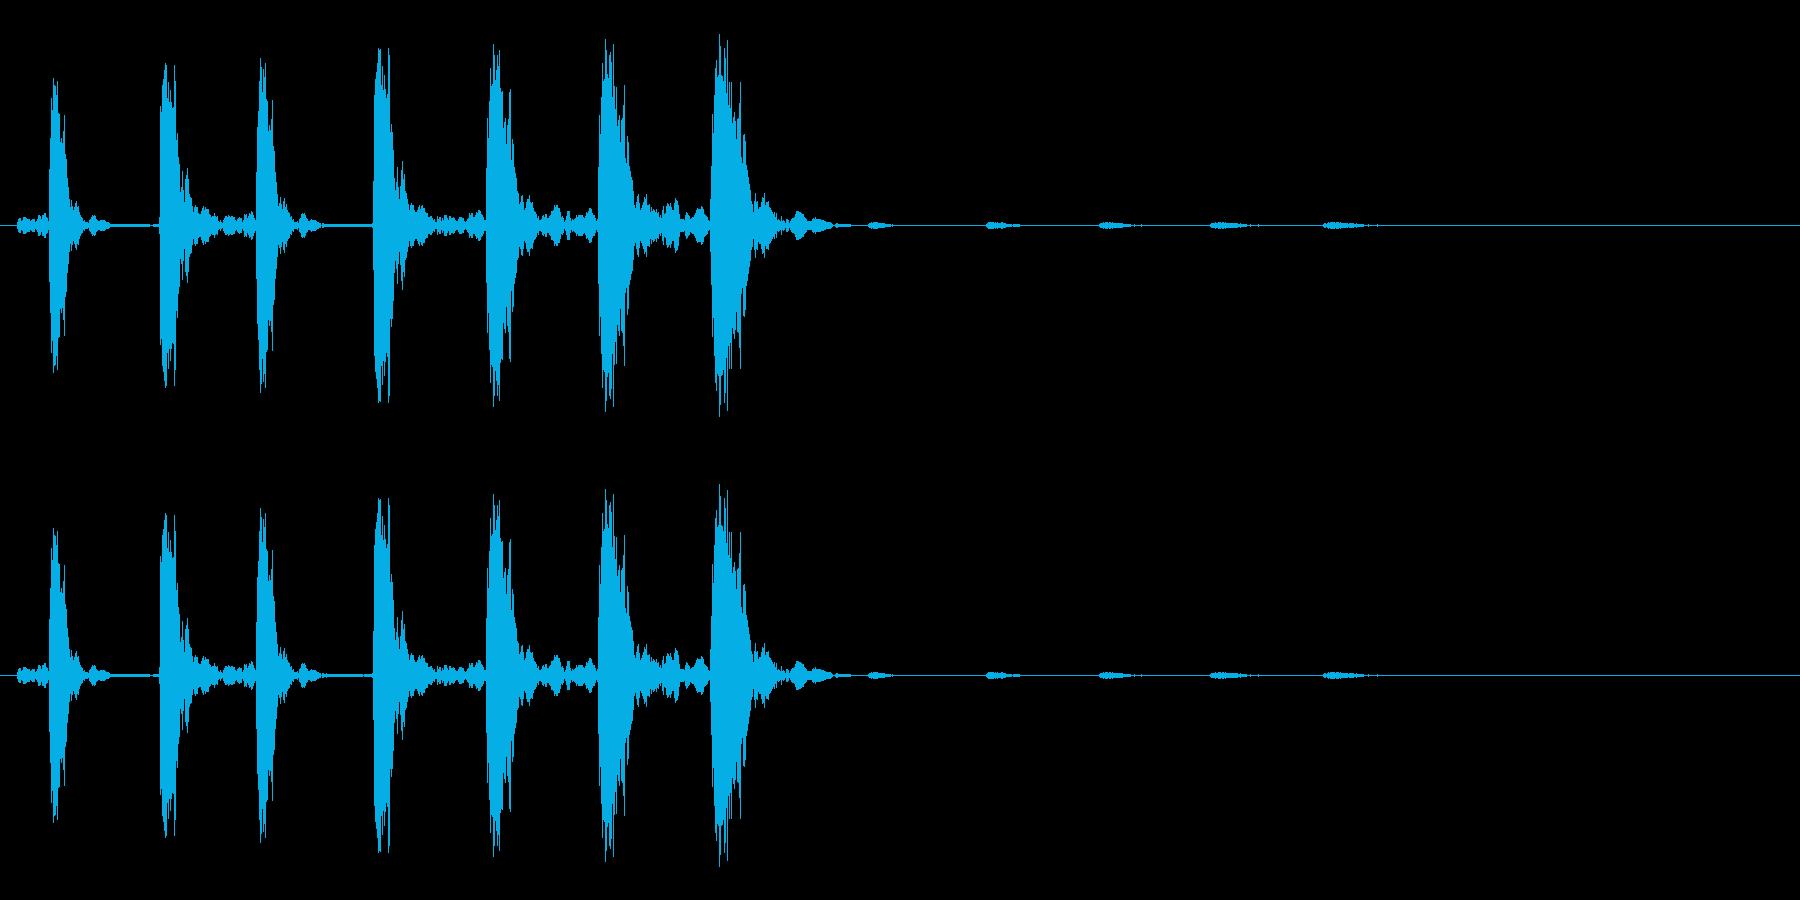 キャンセル、消去のイメージ(キュルルル)の再生済みの波形